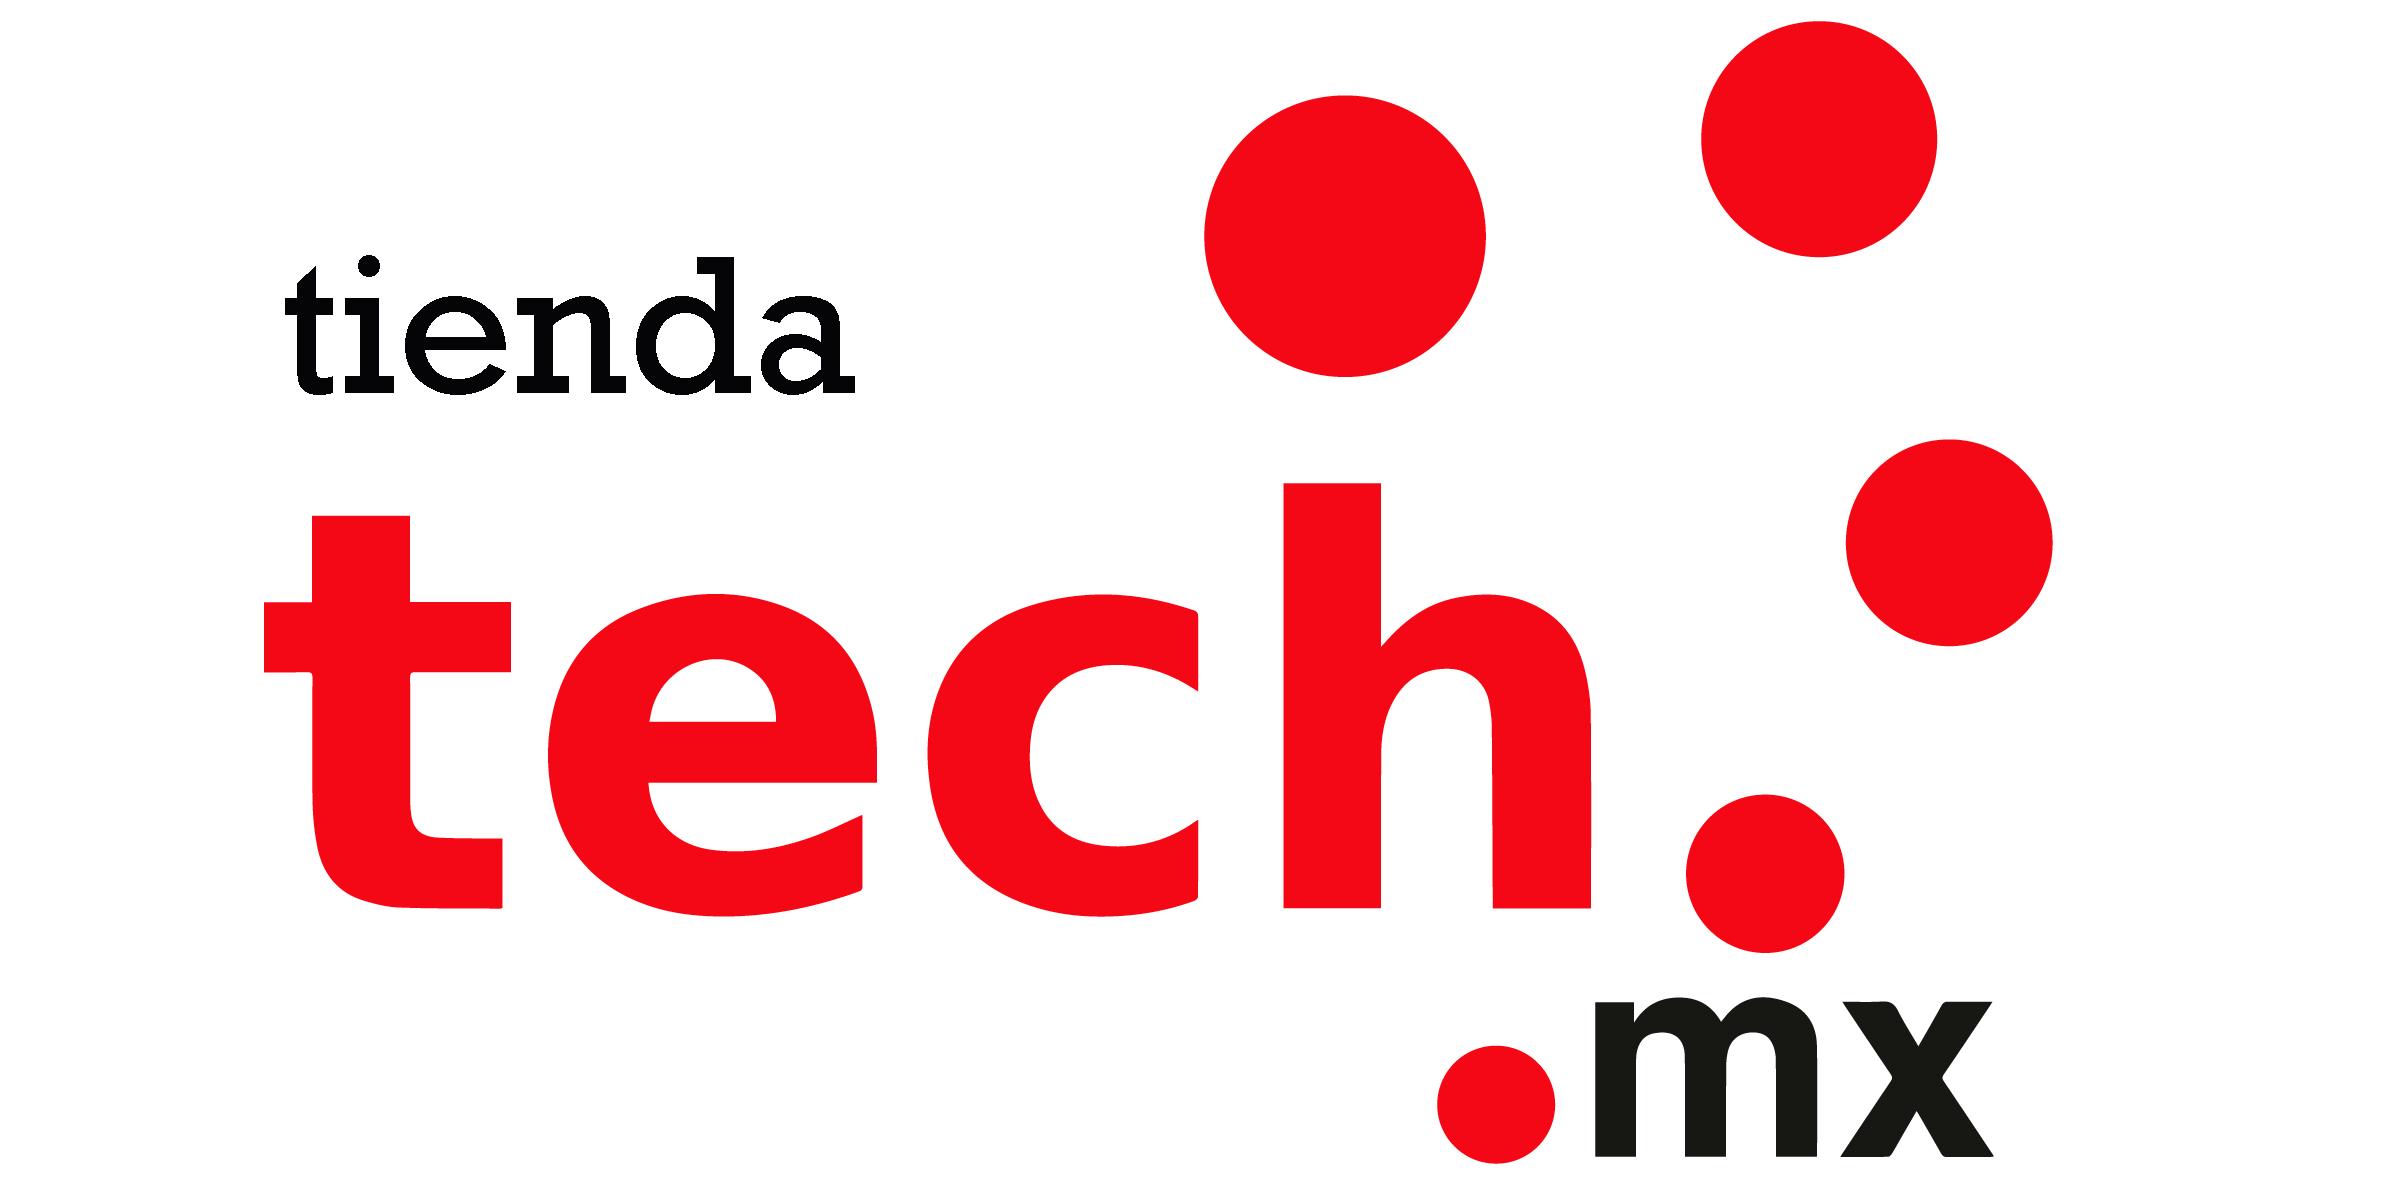 Tienda Tech MX